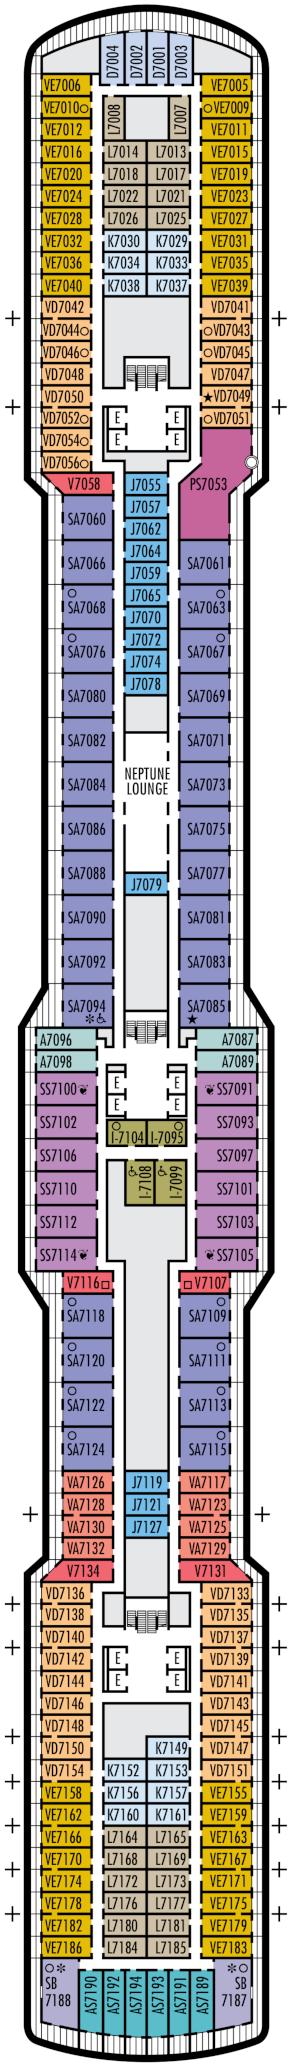 Nieuw Statendam Schubert Deck Deck Plan